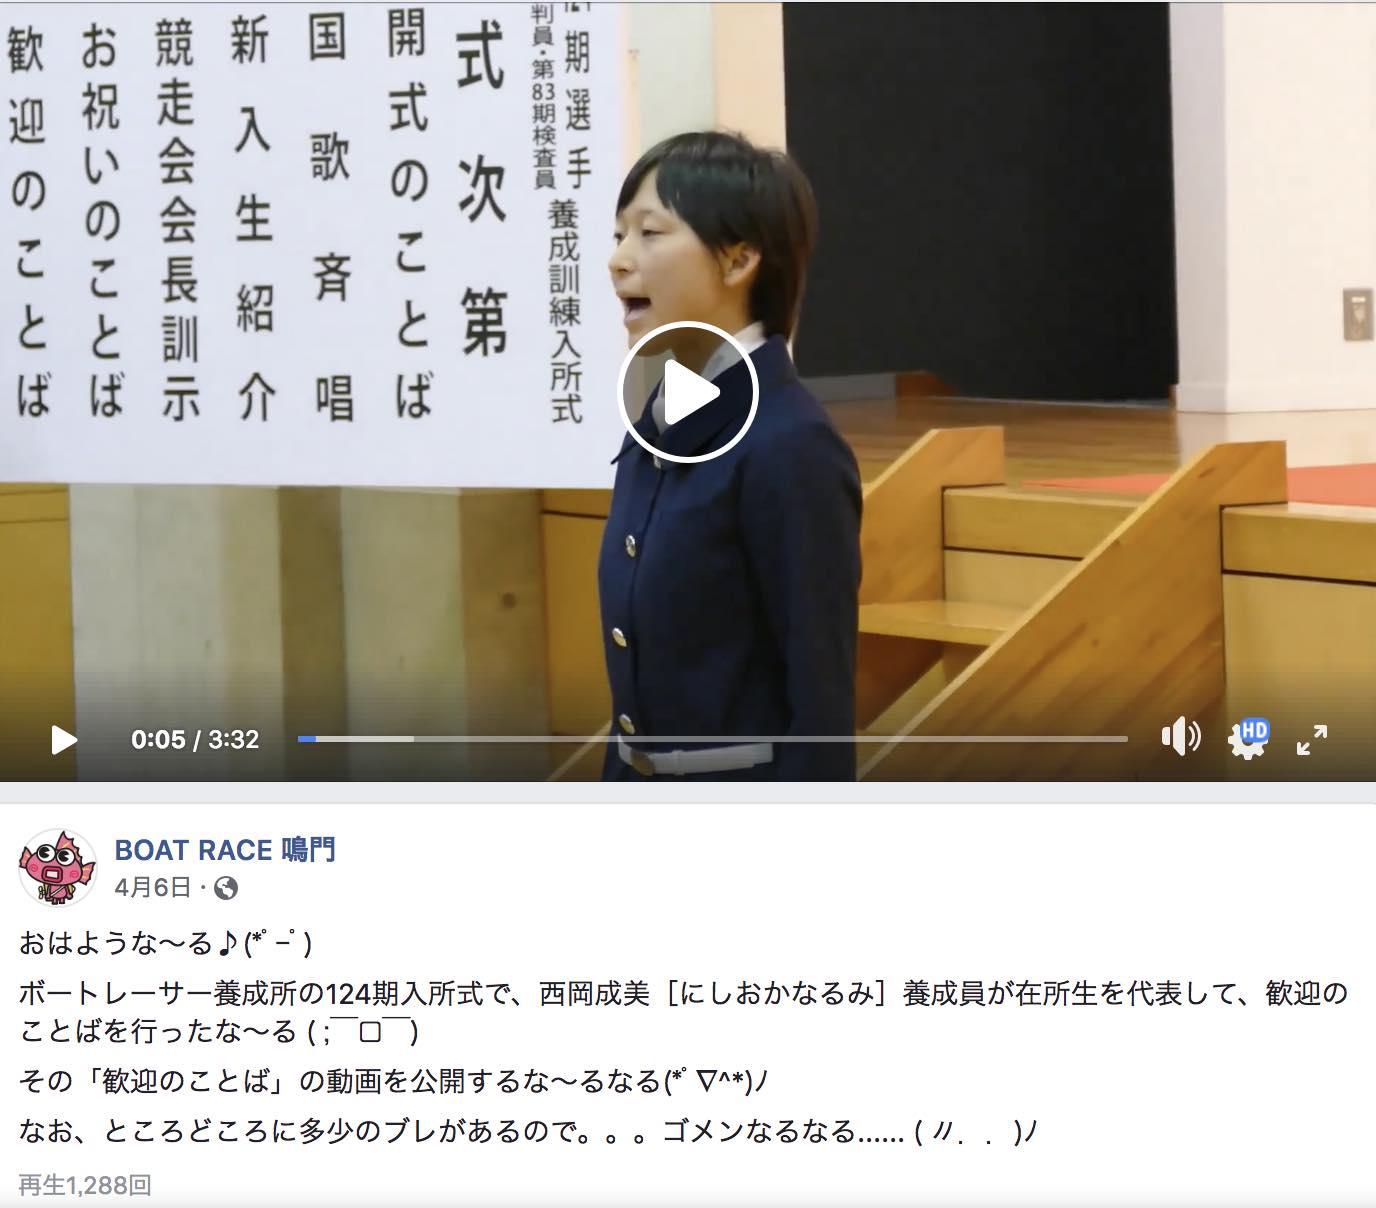 西岡成美選手が在所生代表に述べた挨拶の動画